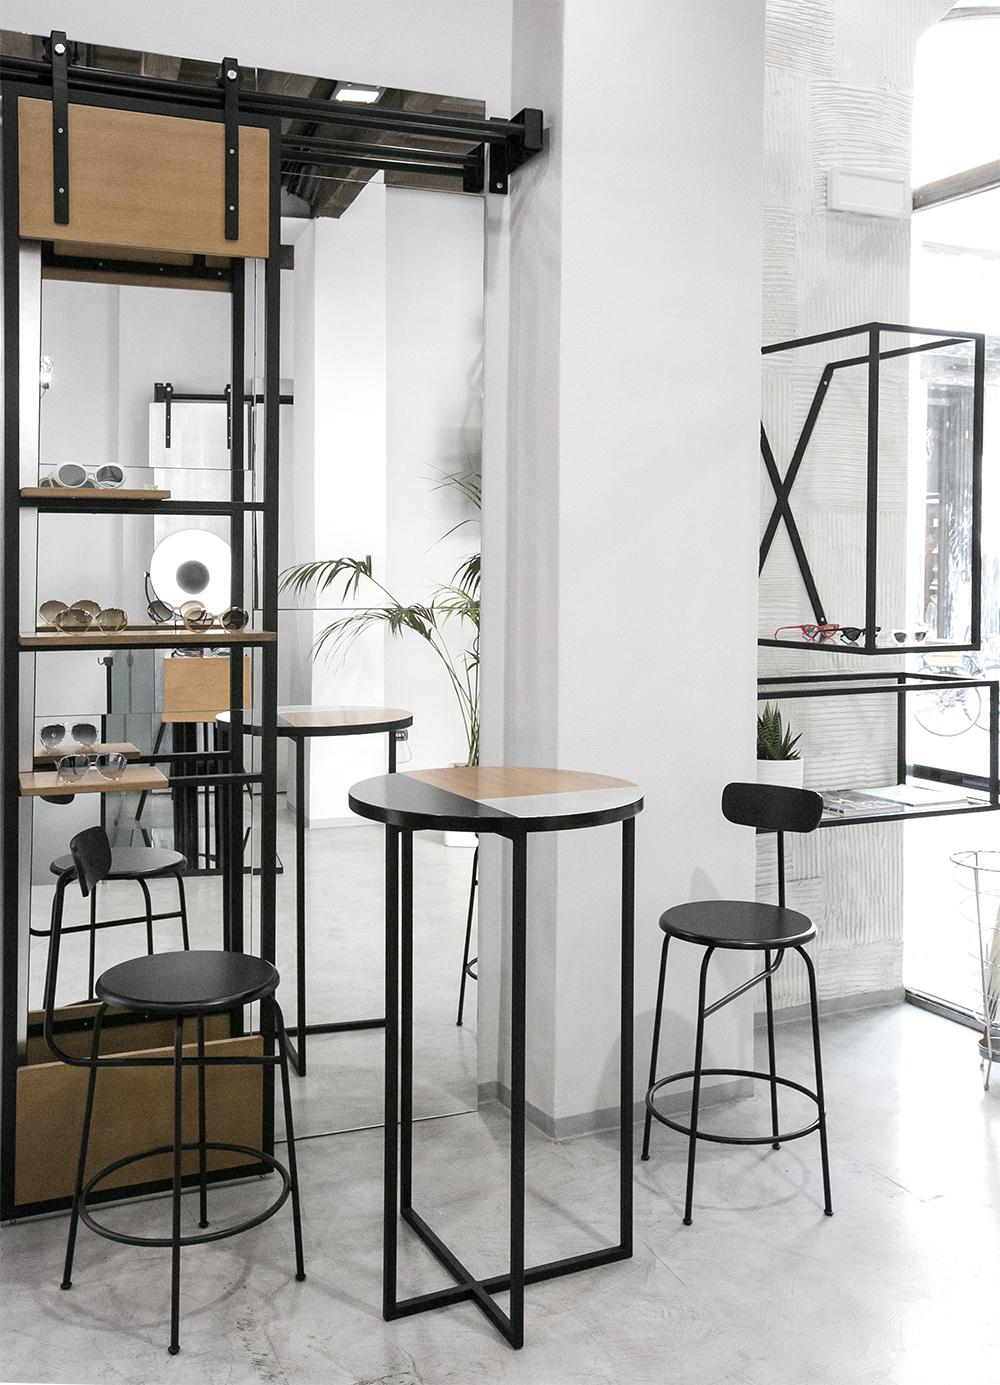 interni-arredo-negozio-tavolo-sgabelli-specchi